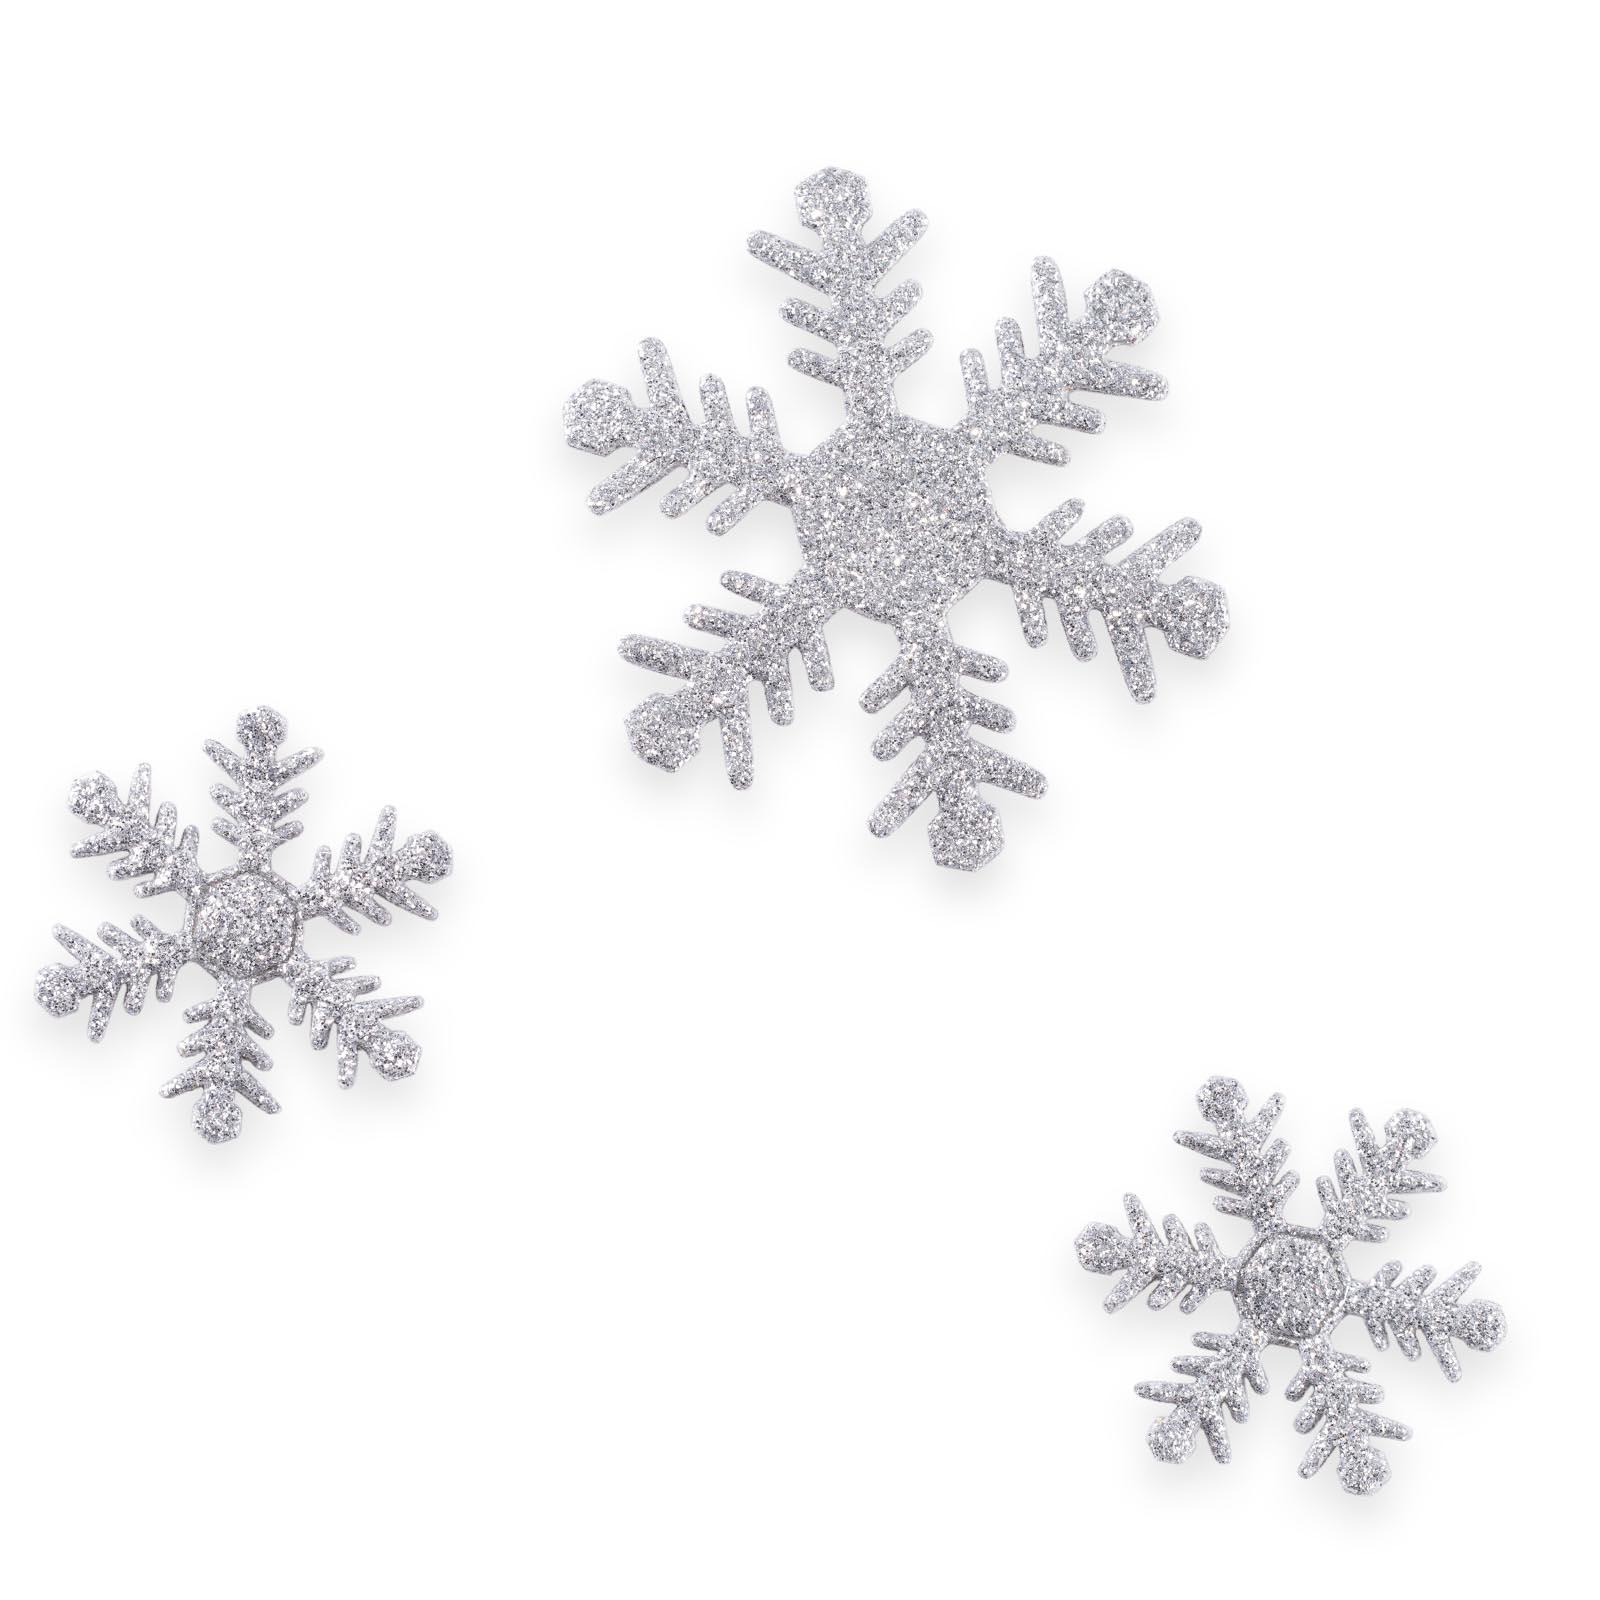 schneeflocke mit klebepunkt silberglimmer sortiert 4 6cm weihnachtlich dekoartikel. Black Bedroom Furniture Sets. Home Design Ideas